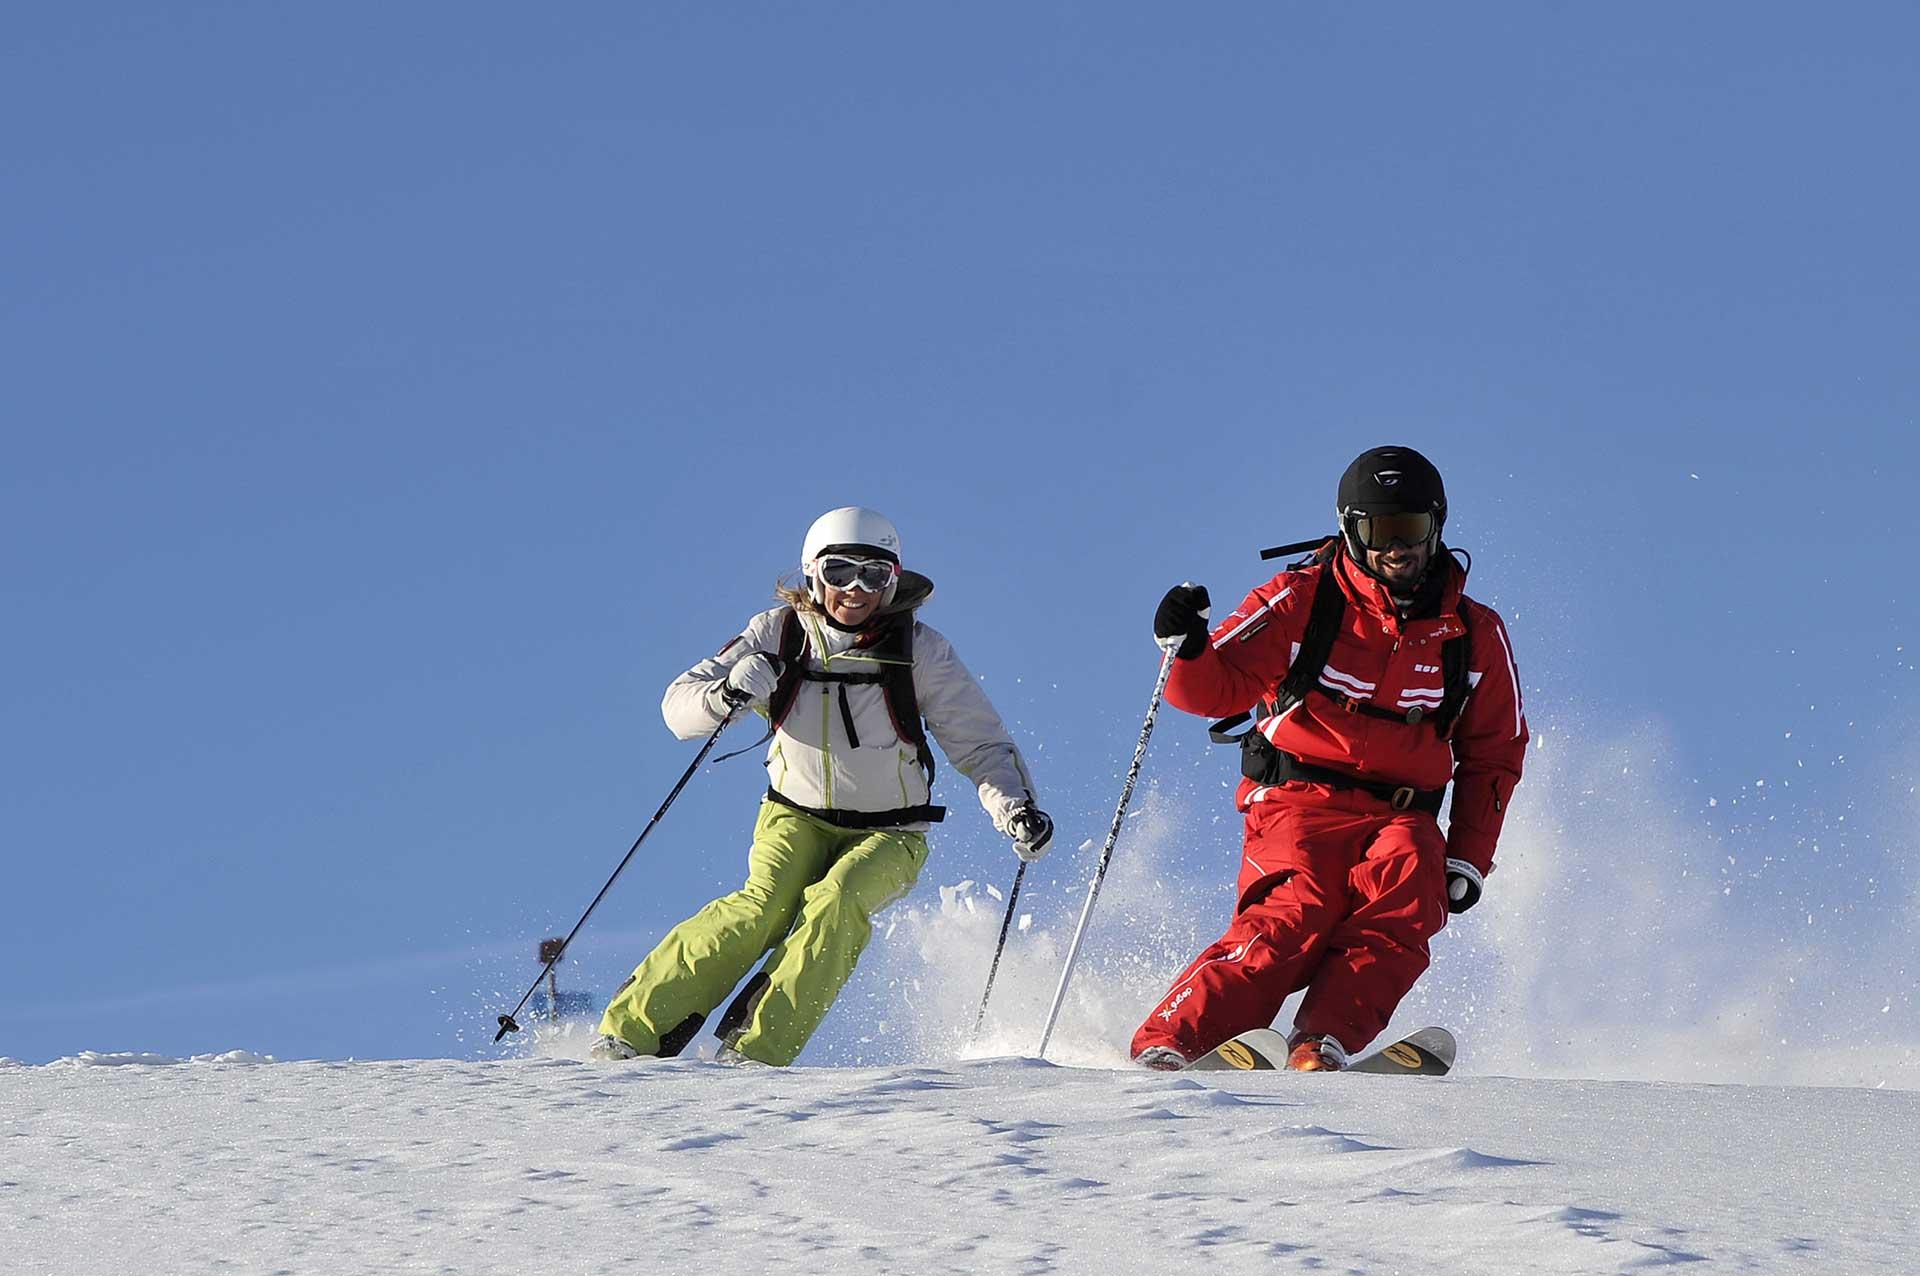 cours ski alpin expert